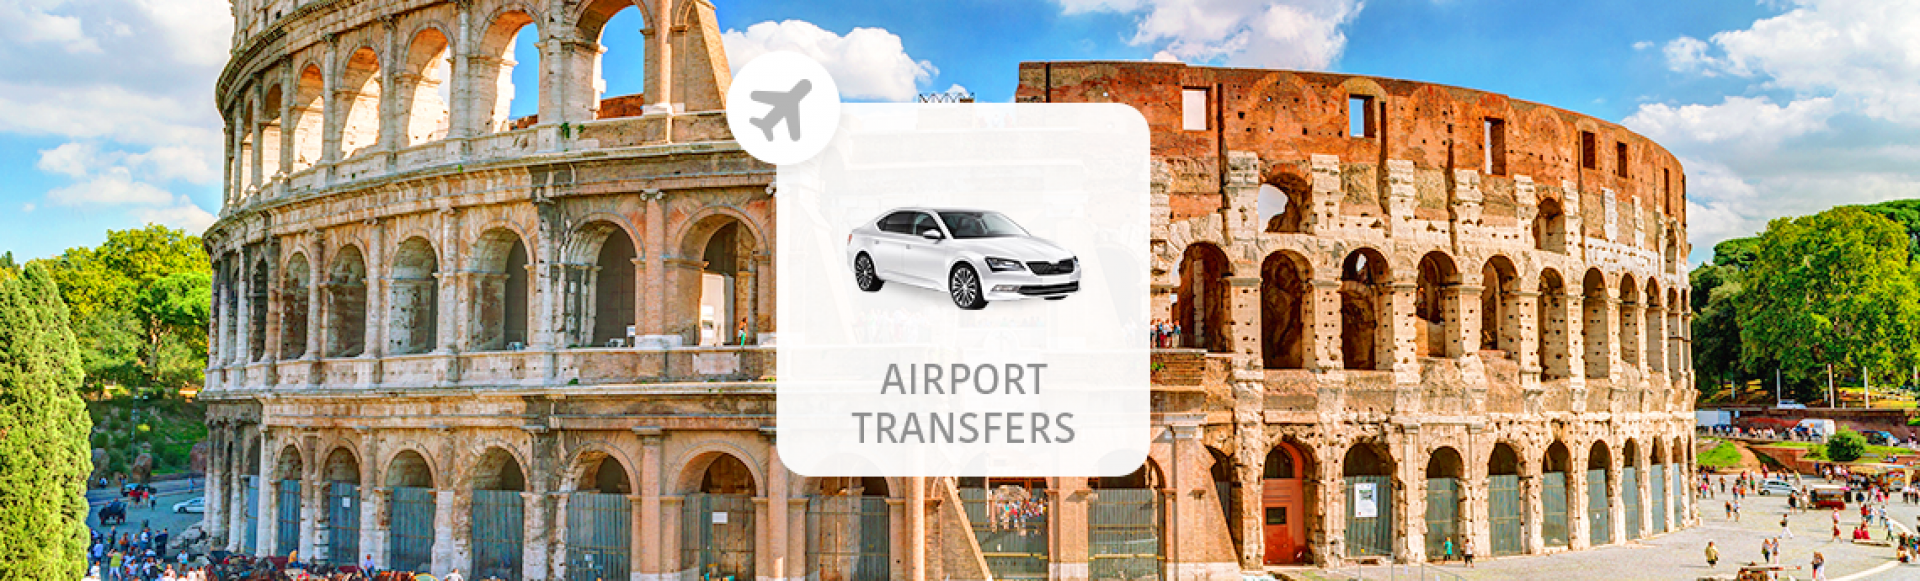 【羅馬機場接送】錢皮諾機場 (CIA) - 羅馬市區(含接機舉牌服務)